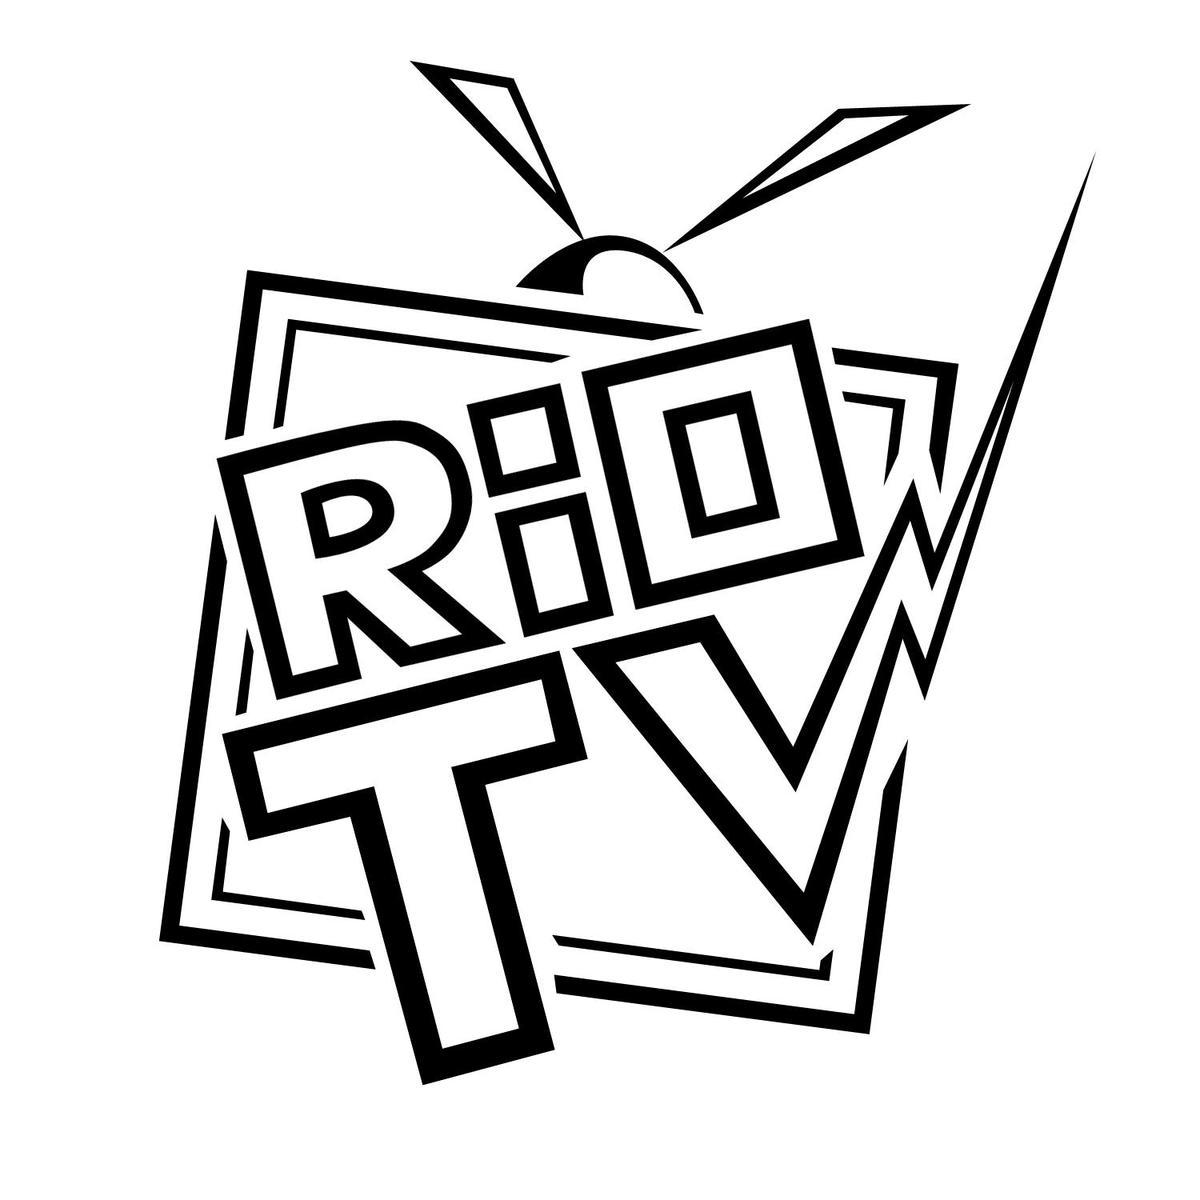 Rio TV